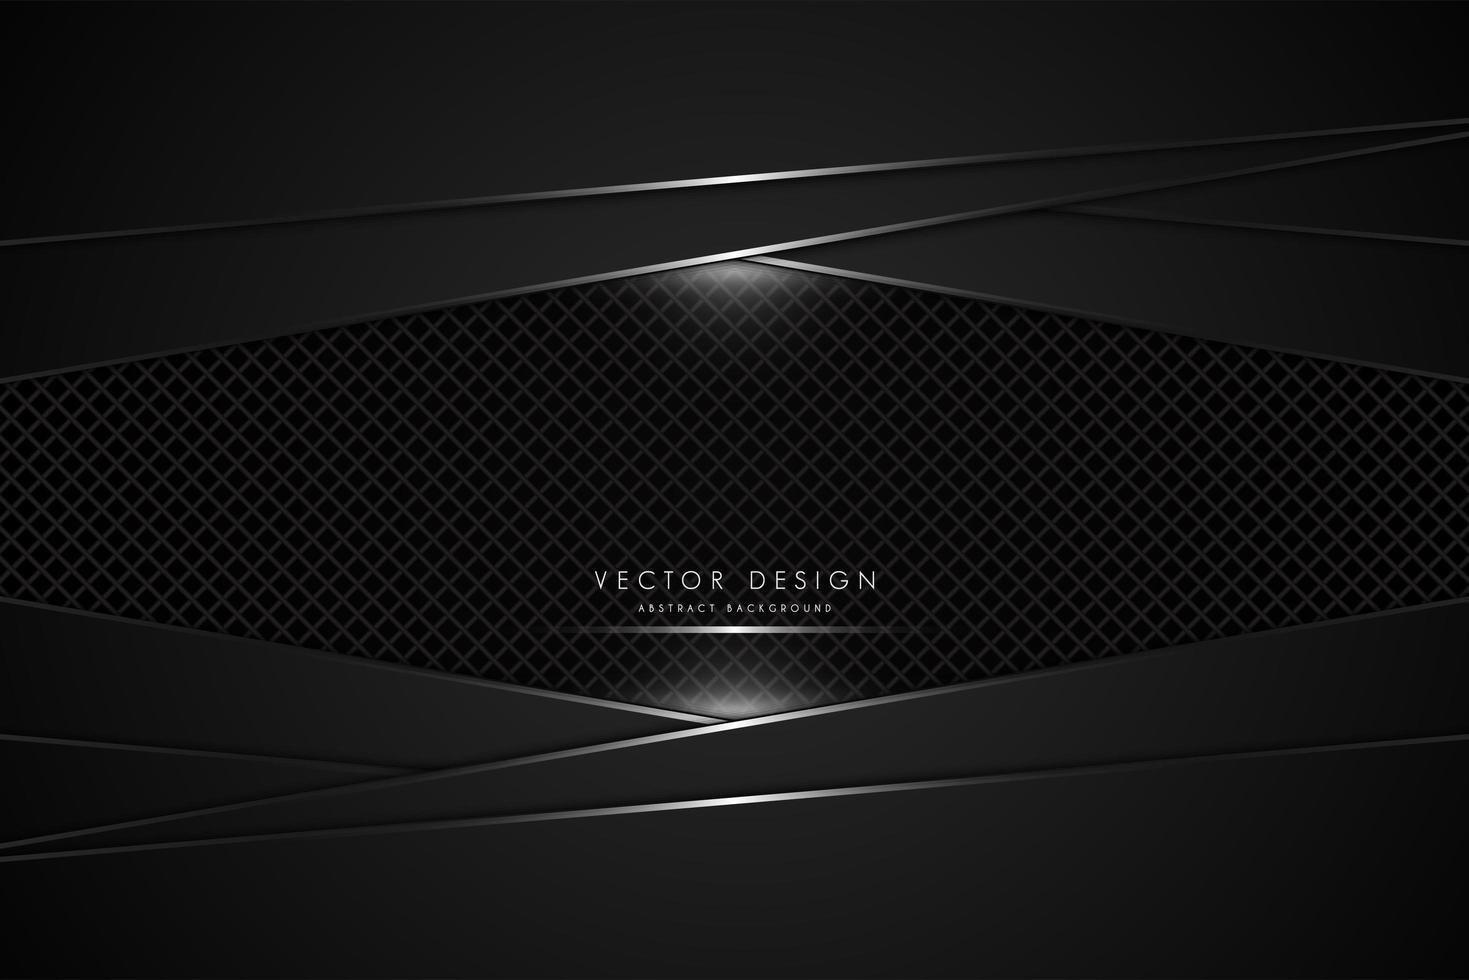 panneaux métalliques noirs avec fibre de carbone vecteur